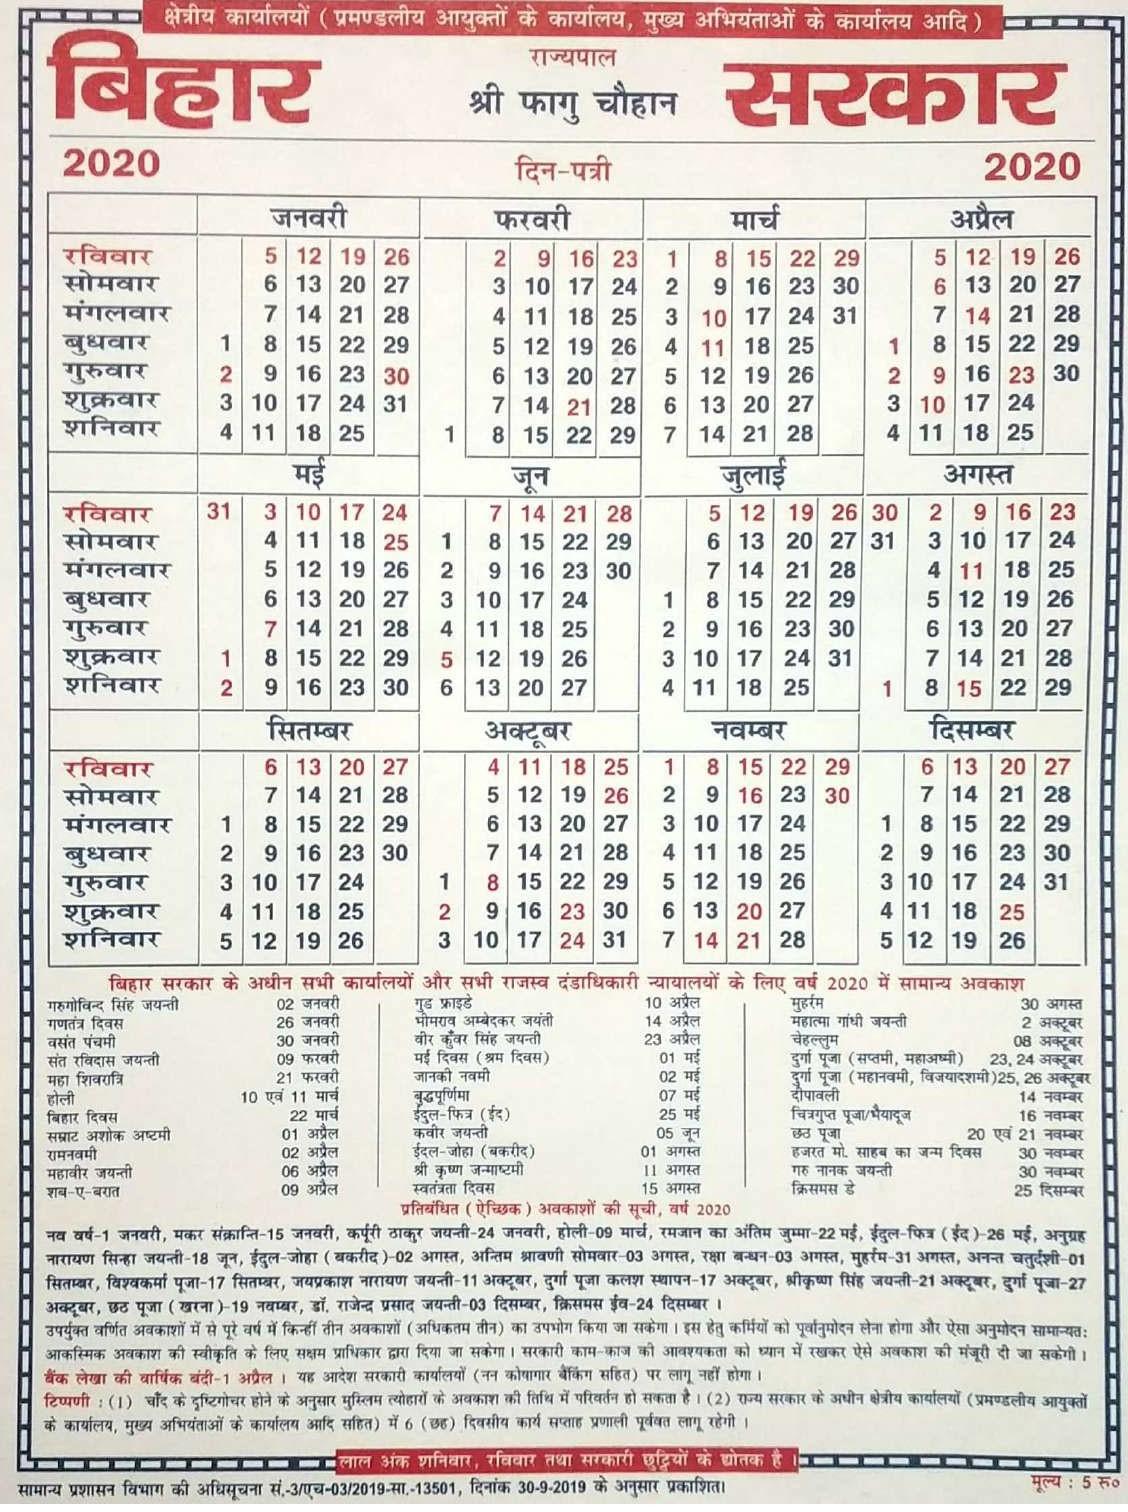 Bihar Sarkar Calendar 2020  Template Calendar Design inside Calendar 2018 Bihar Sarkar